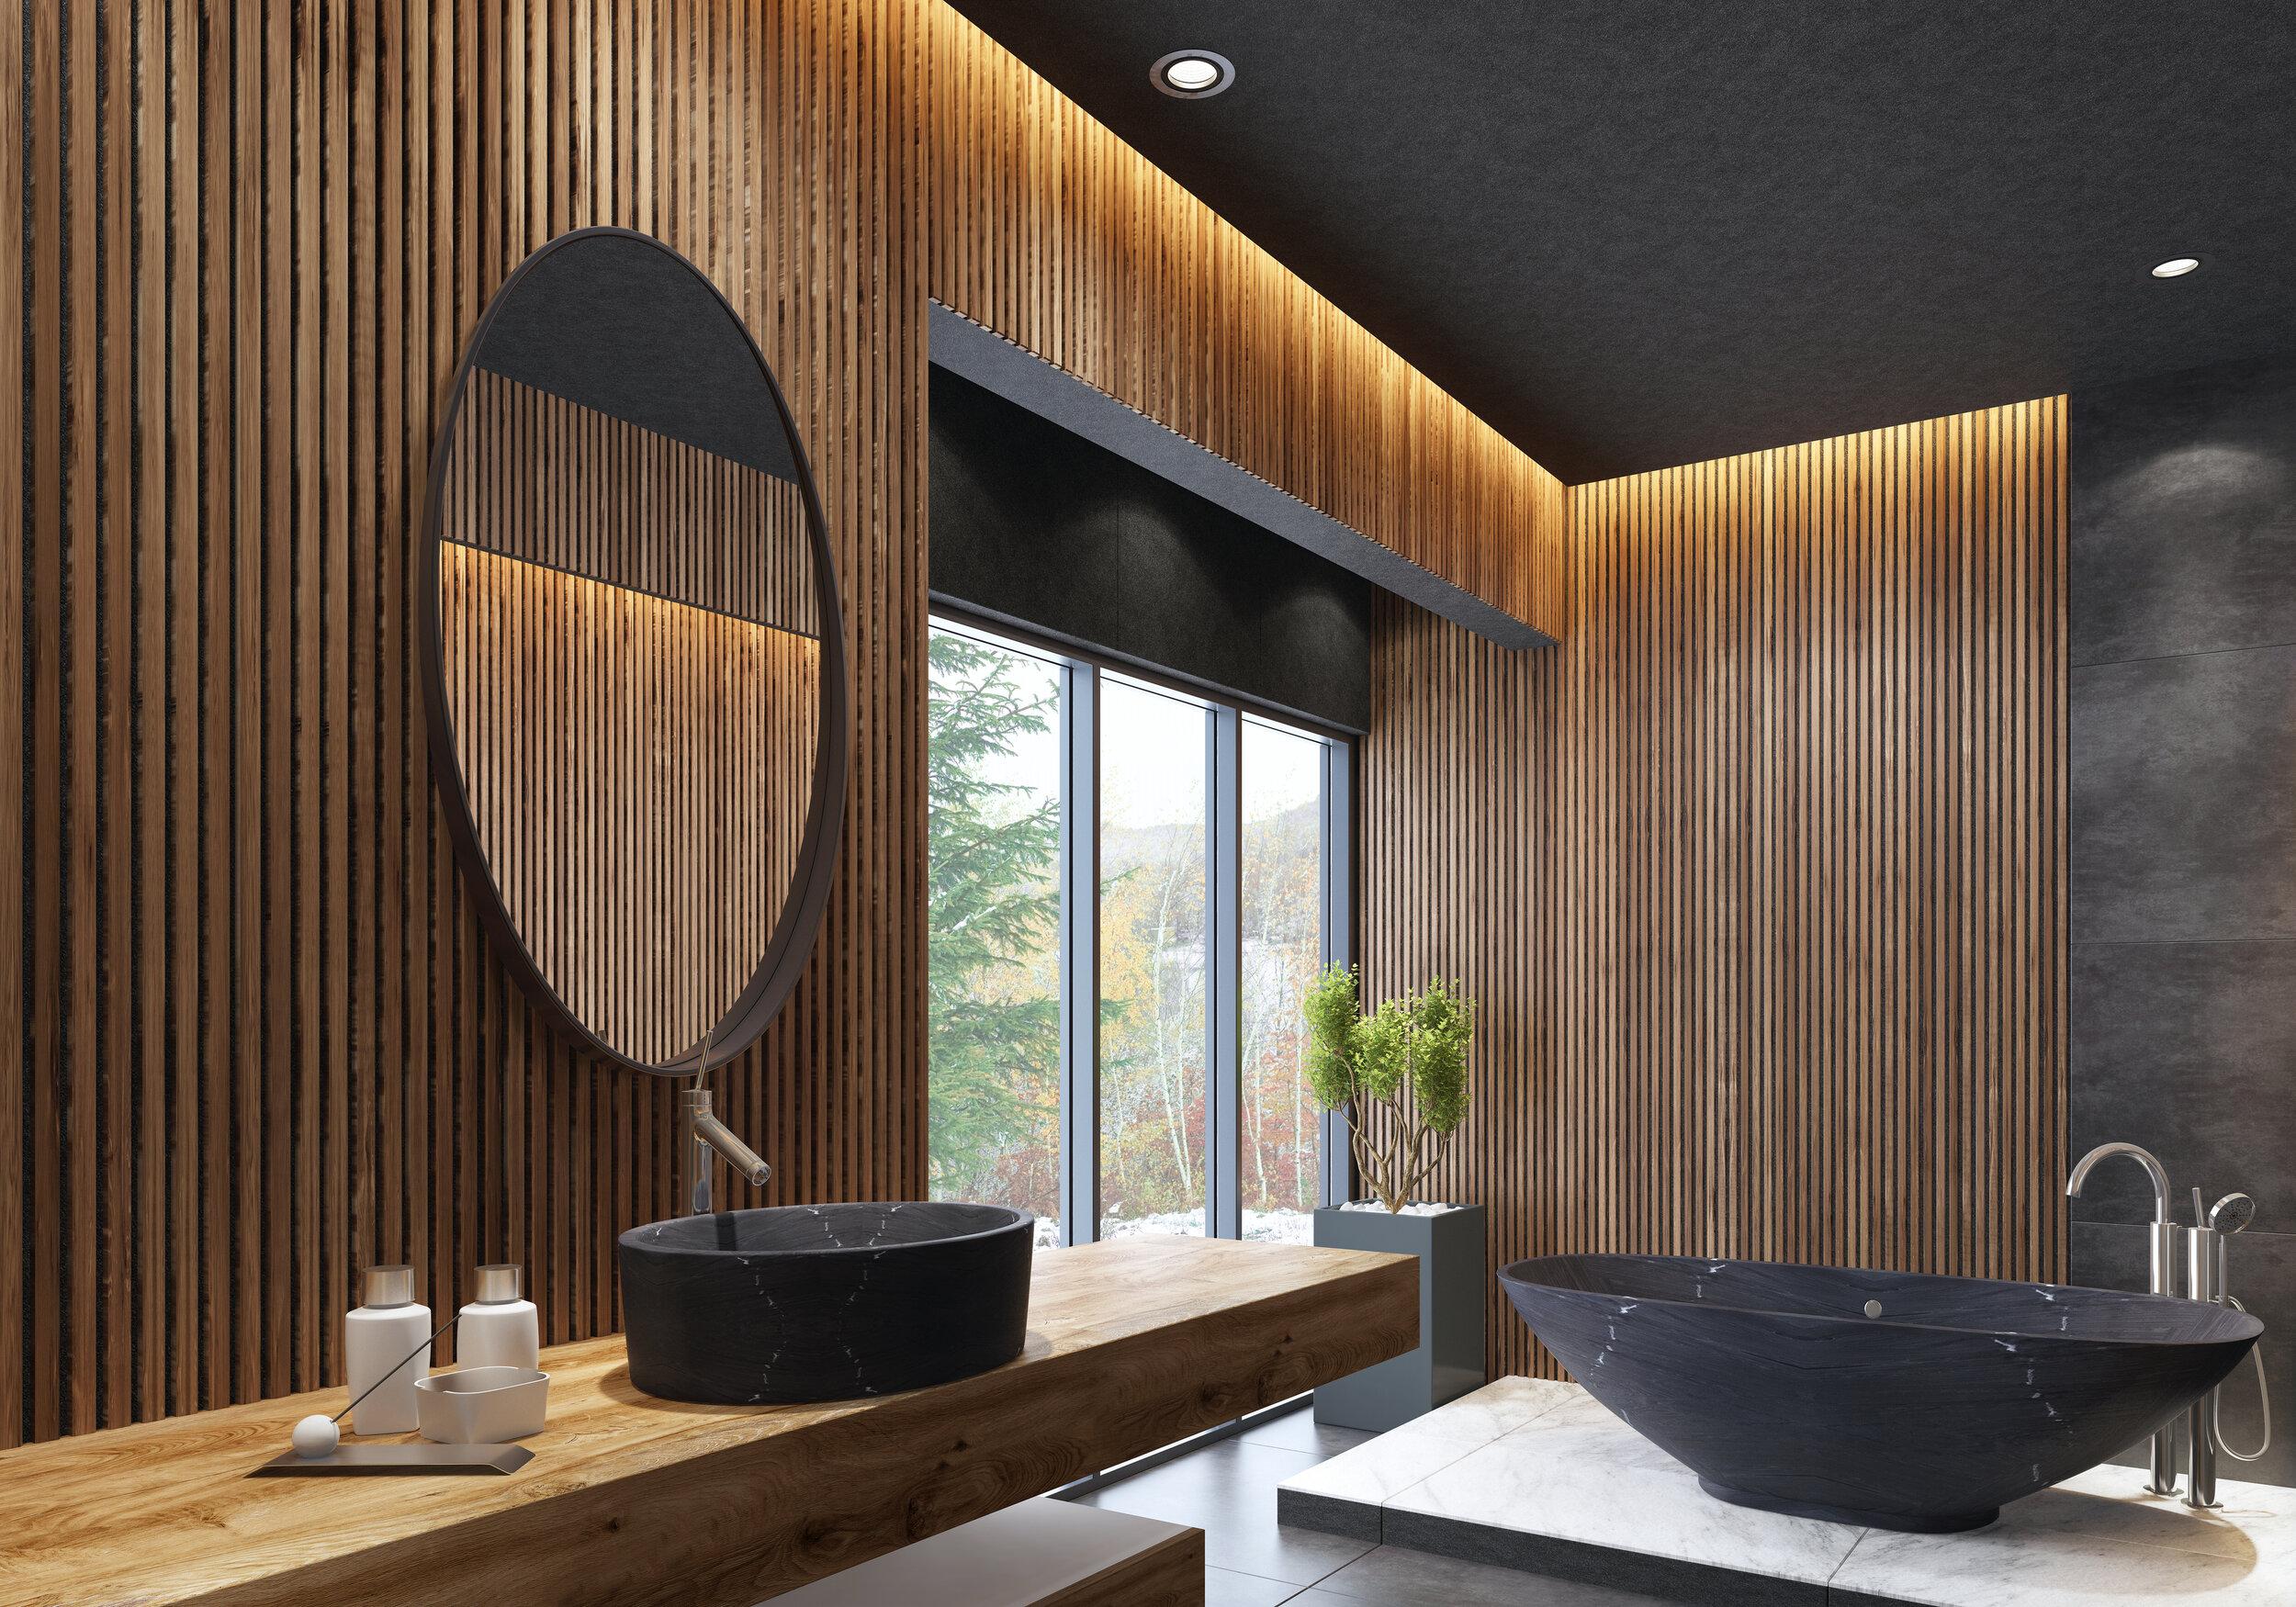 bathroom-remodeling-miami-bathroom-contractors-miami